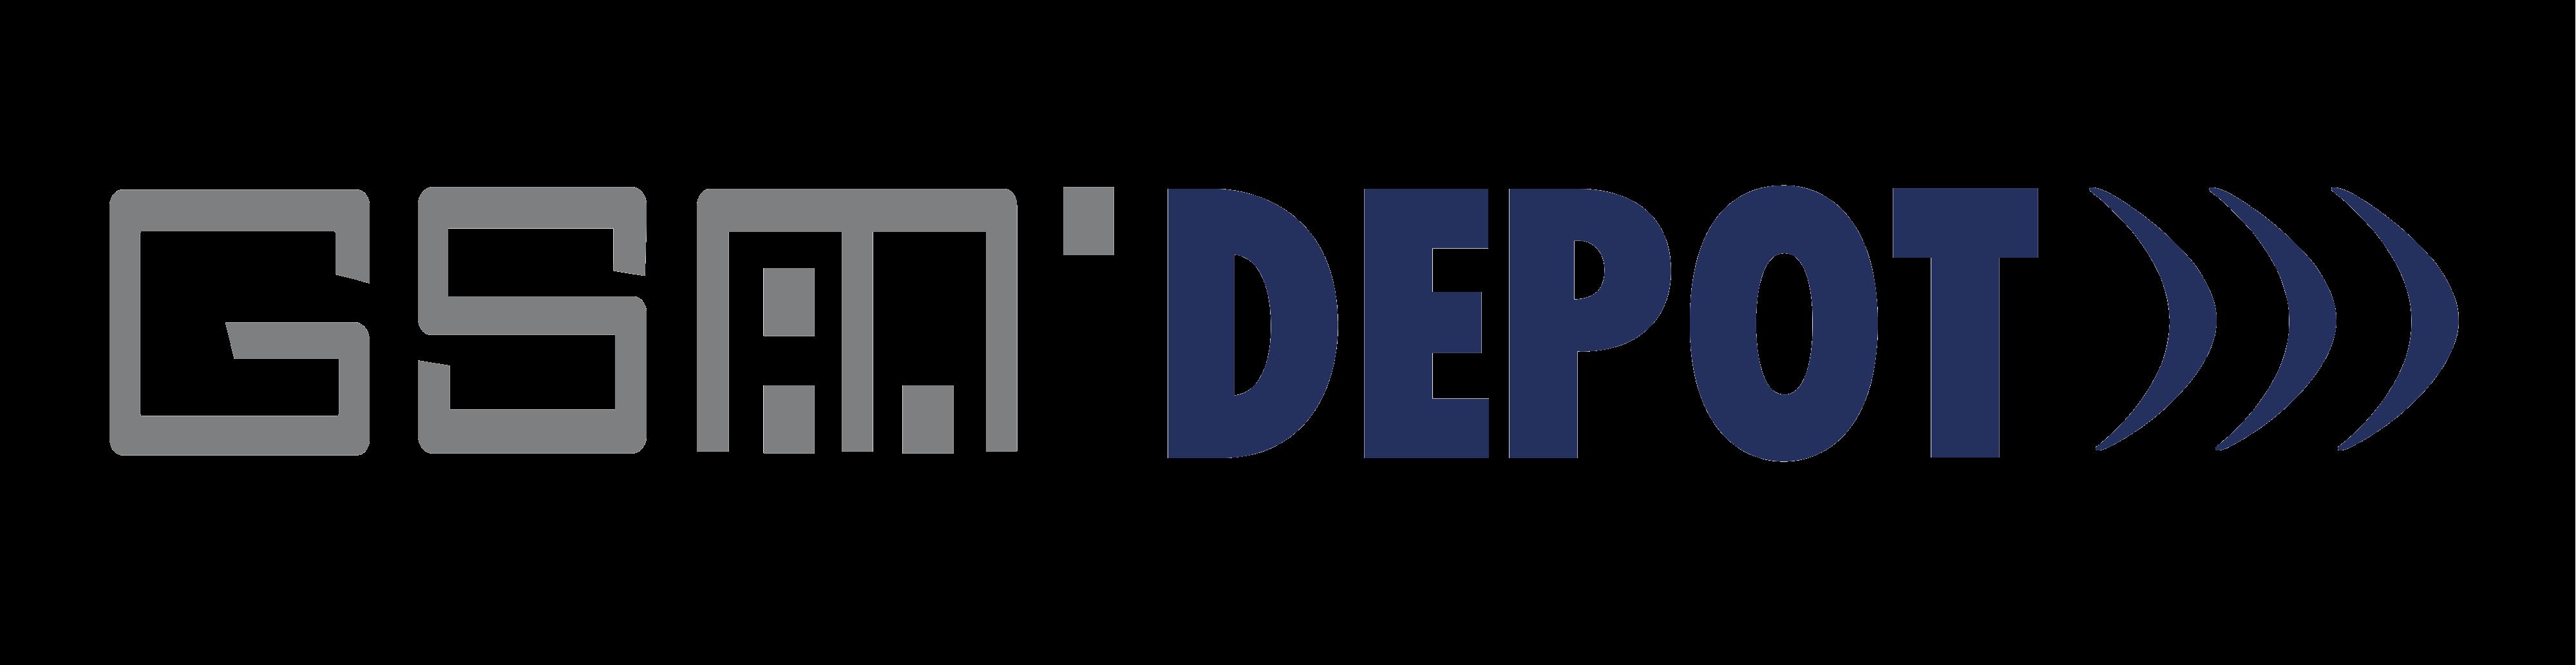 GSM DEPOT LOGO Transparent